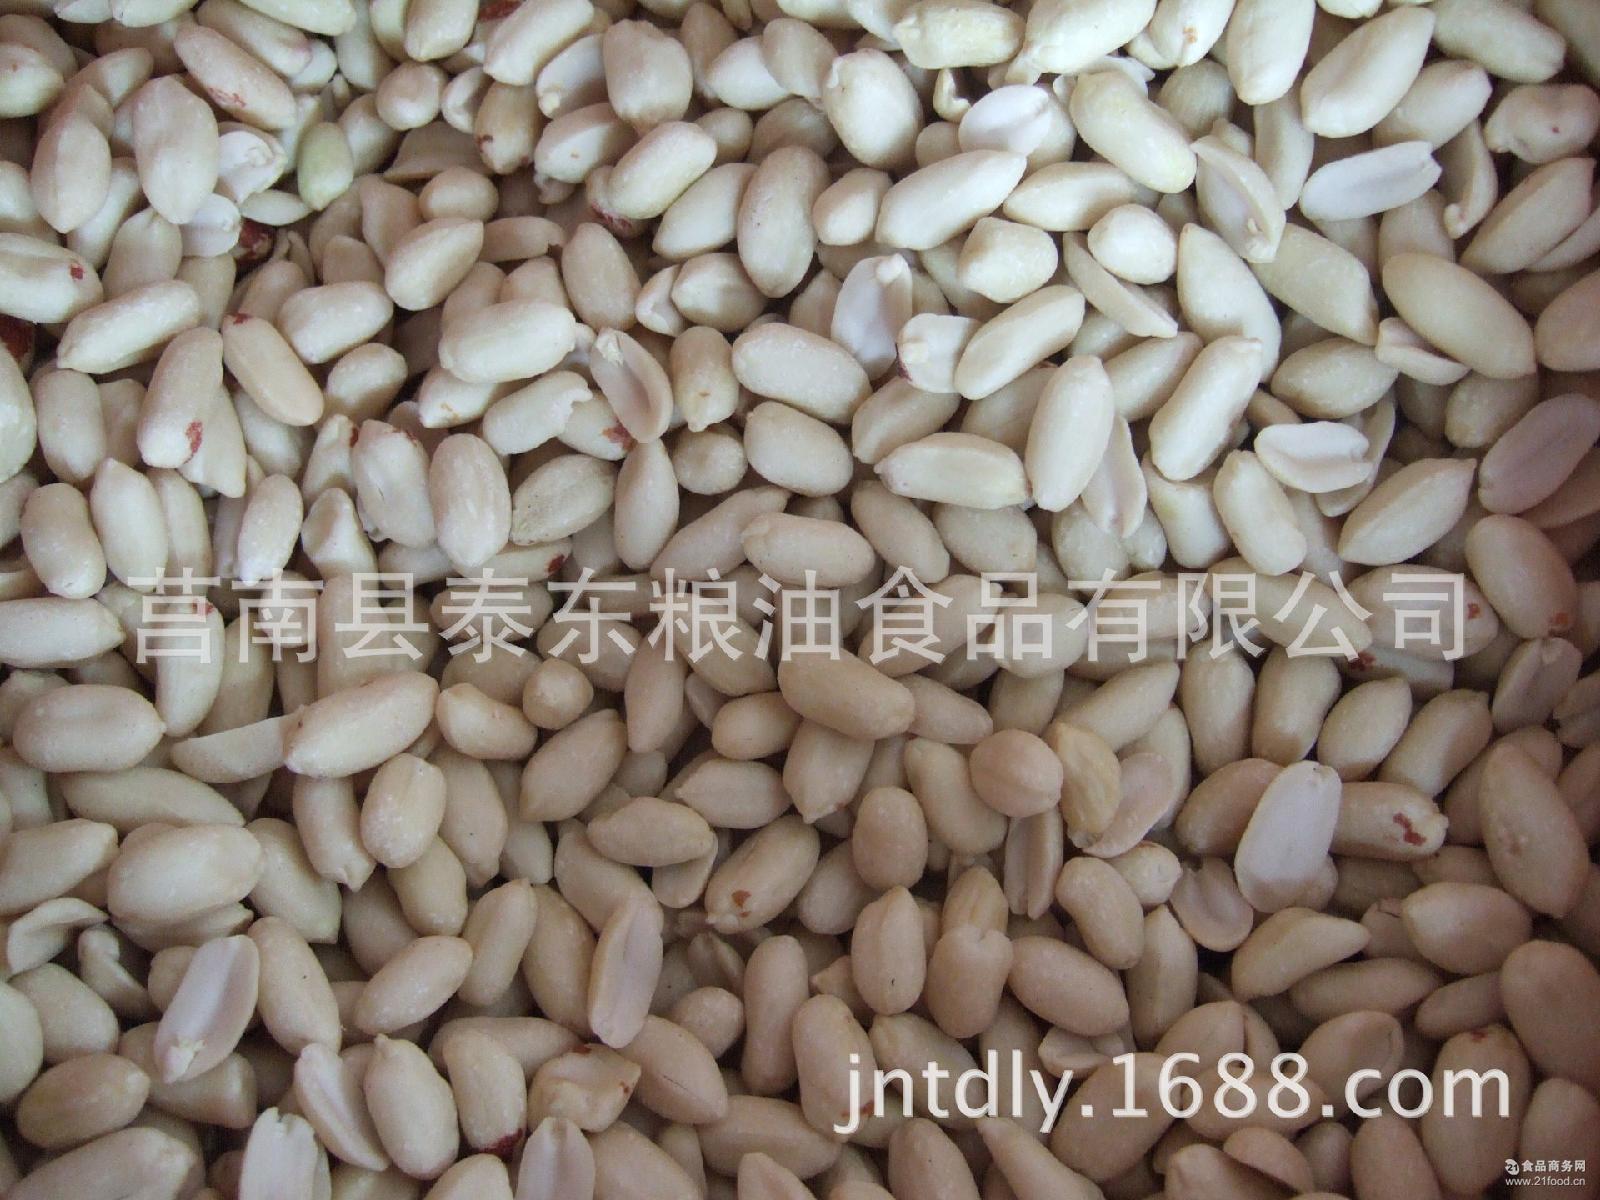 绿色山东大花生 生乳白花生 厂家直供脱皮花生仁 烘干去皮花生米